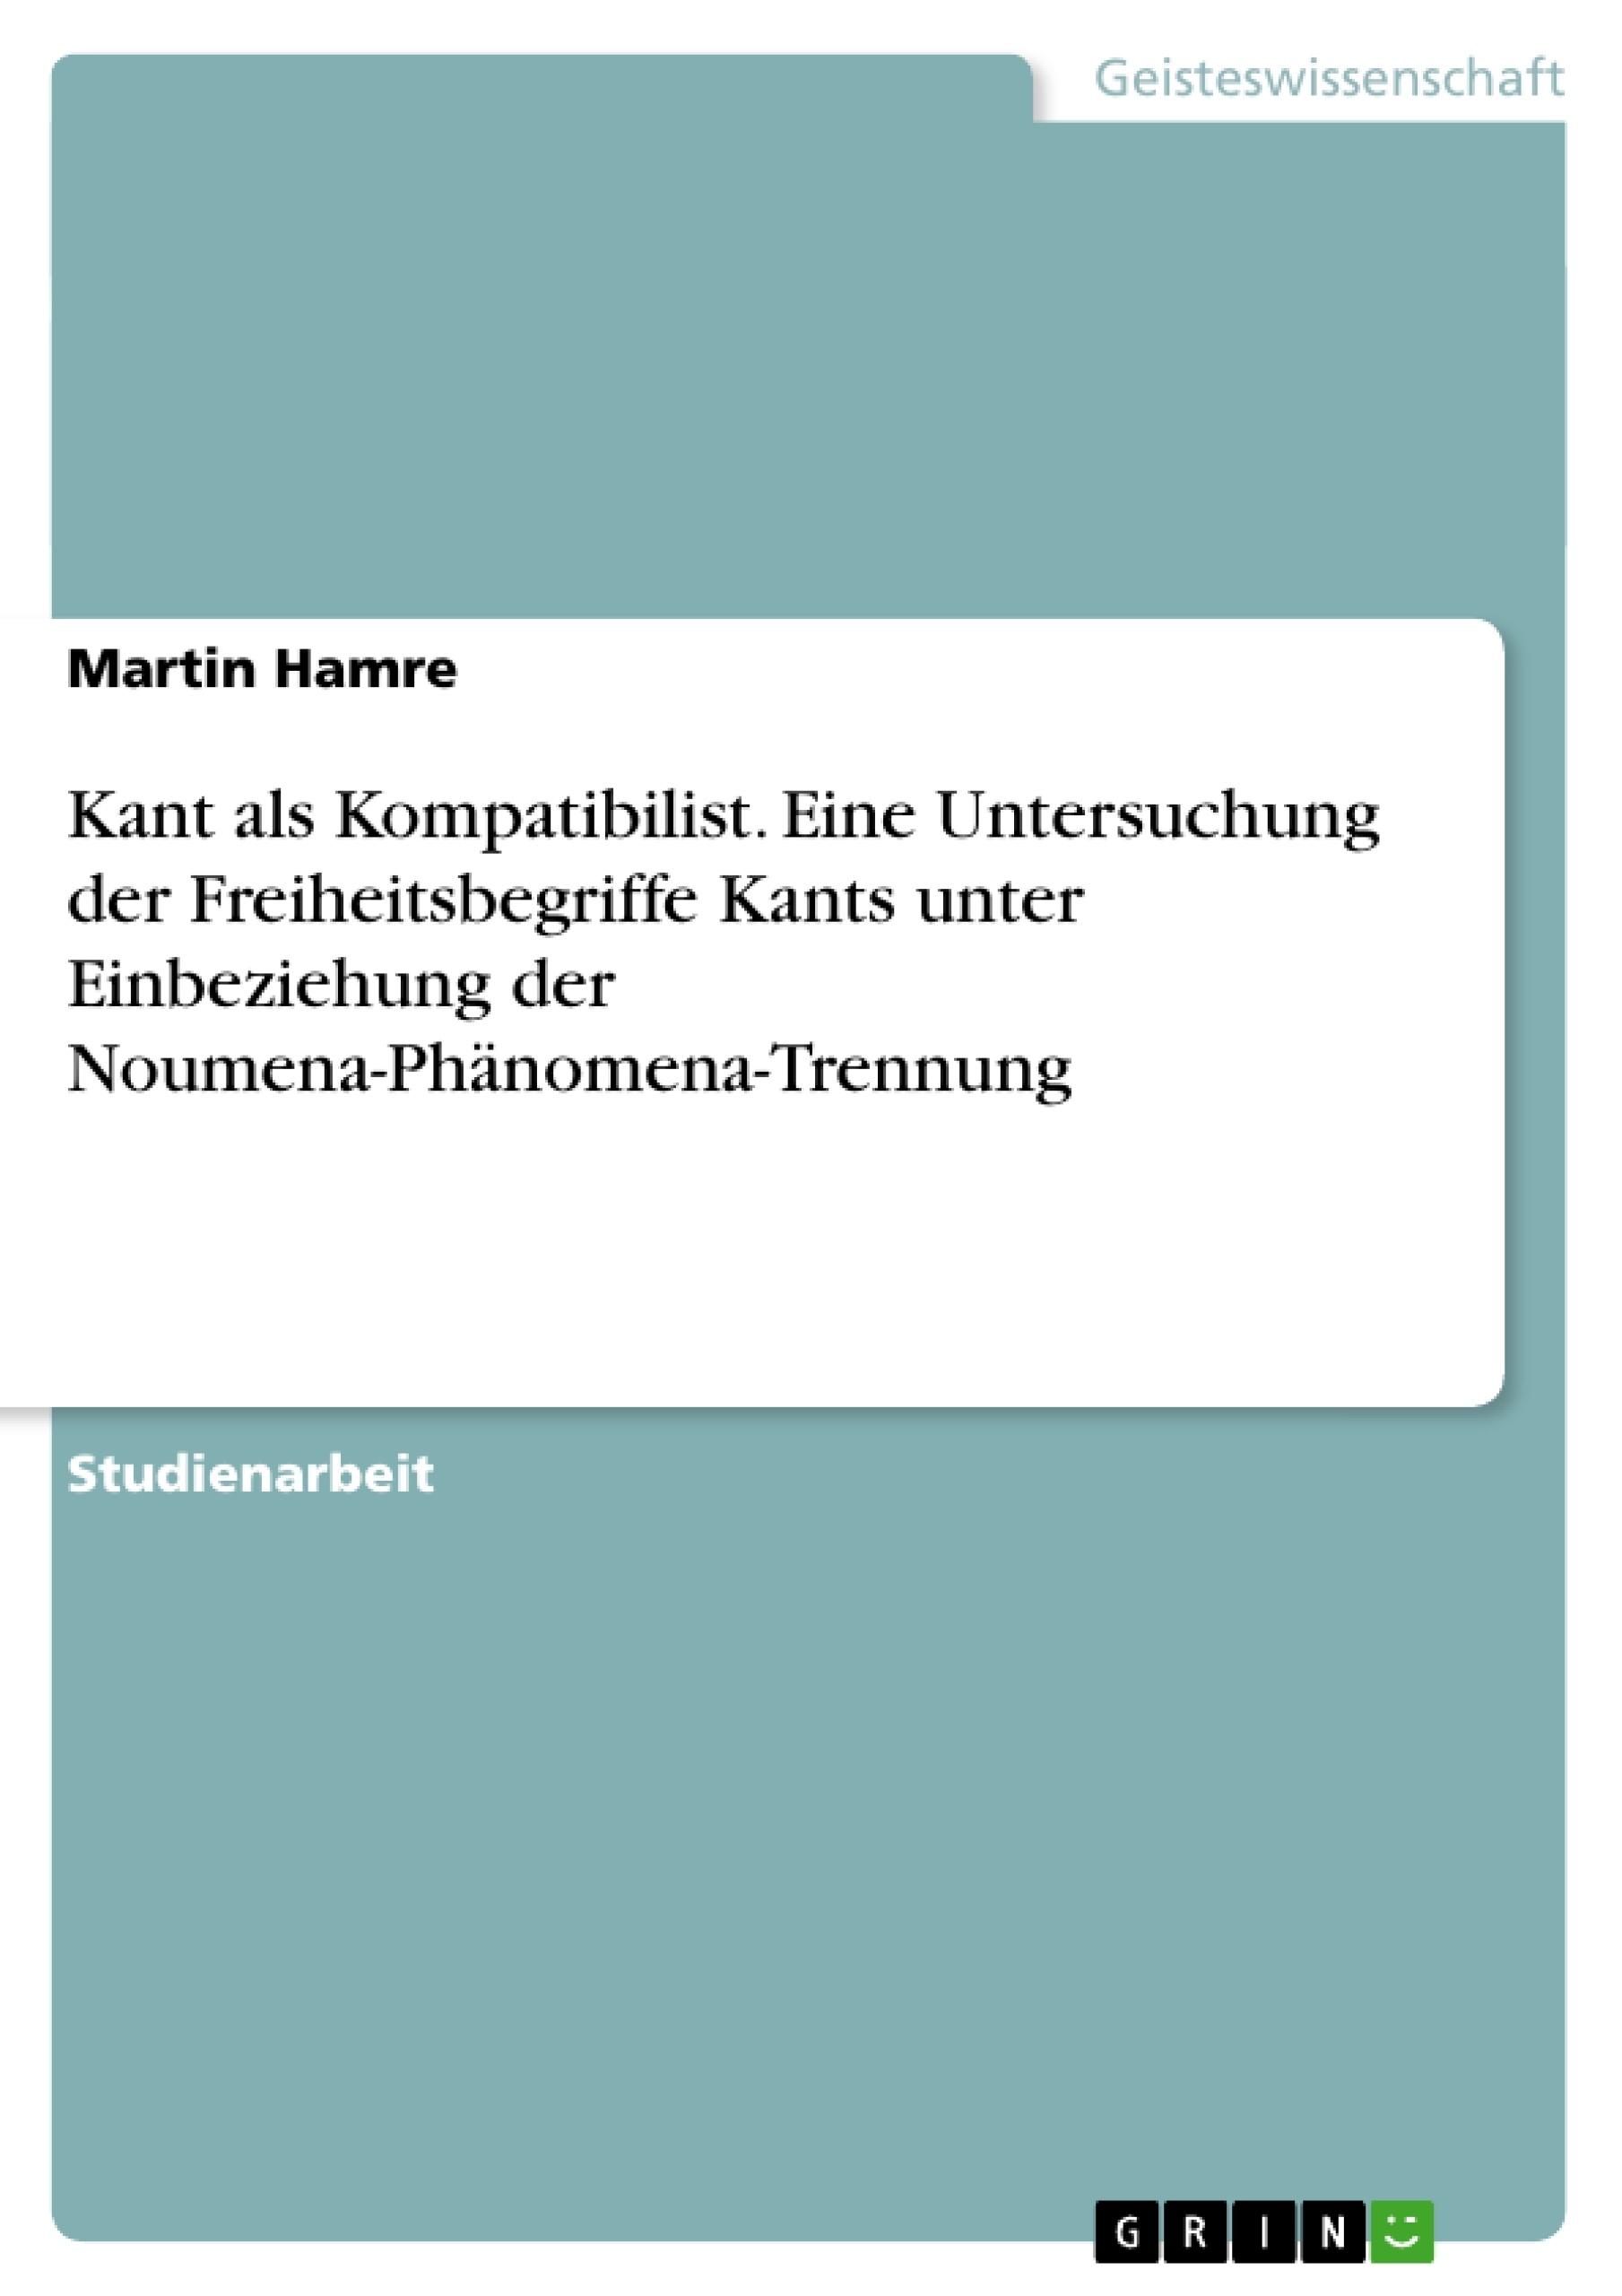 Titel: Kant als Kompatibilist. Eine Untersuchung der Freiheitsbegriffe Kants unter Einbeziehung der Noumena-Phänomena-Trennung